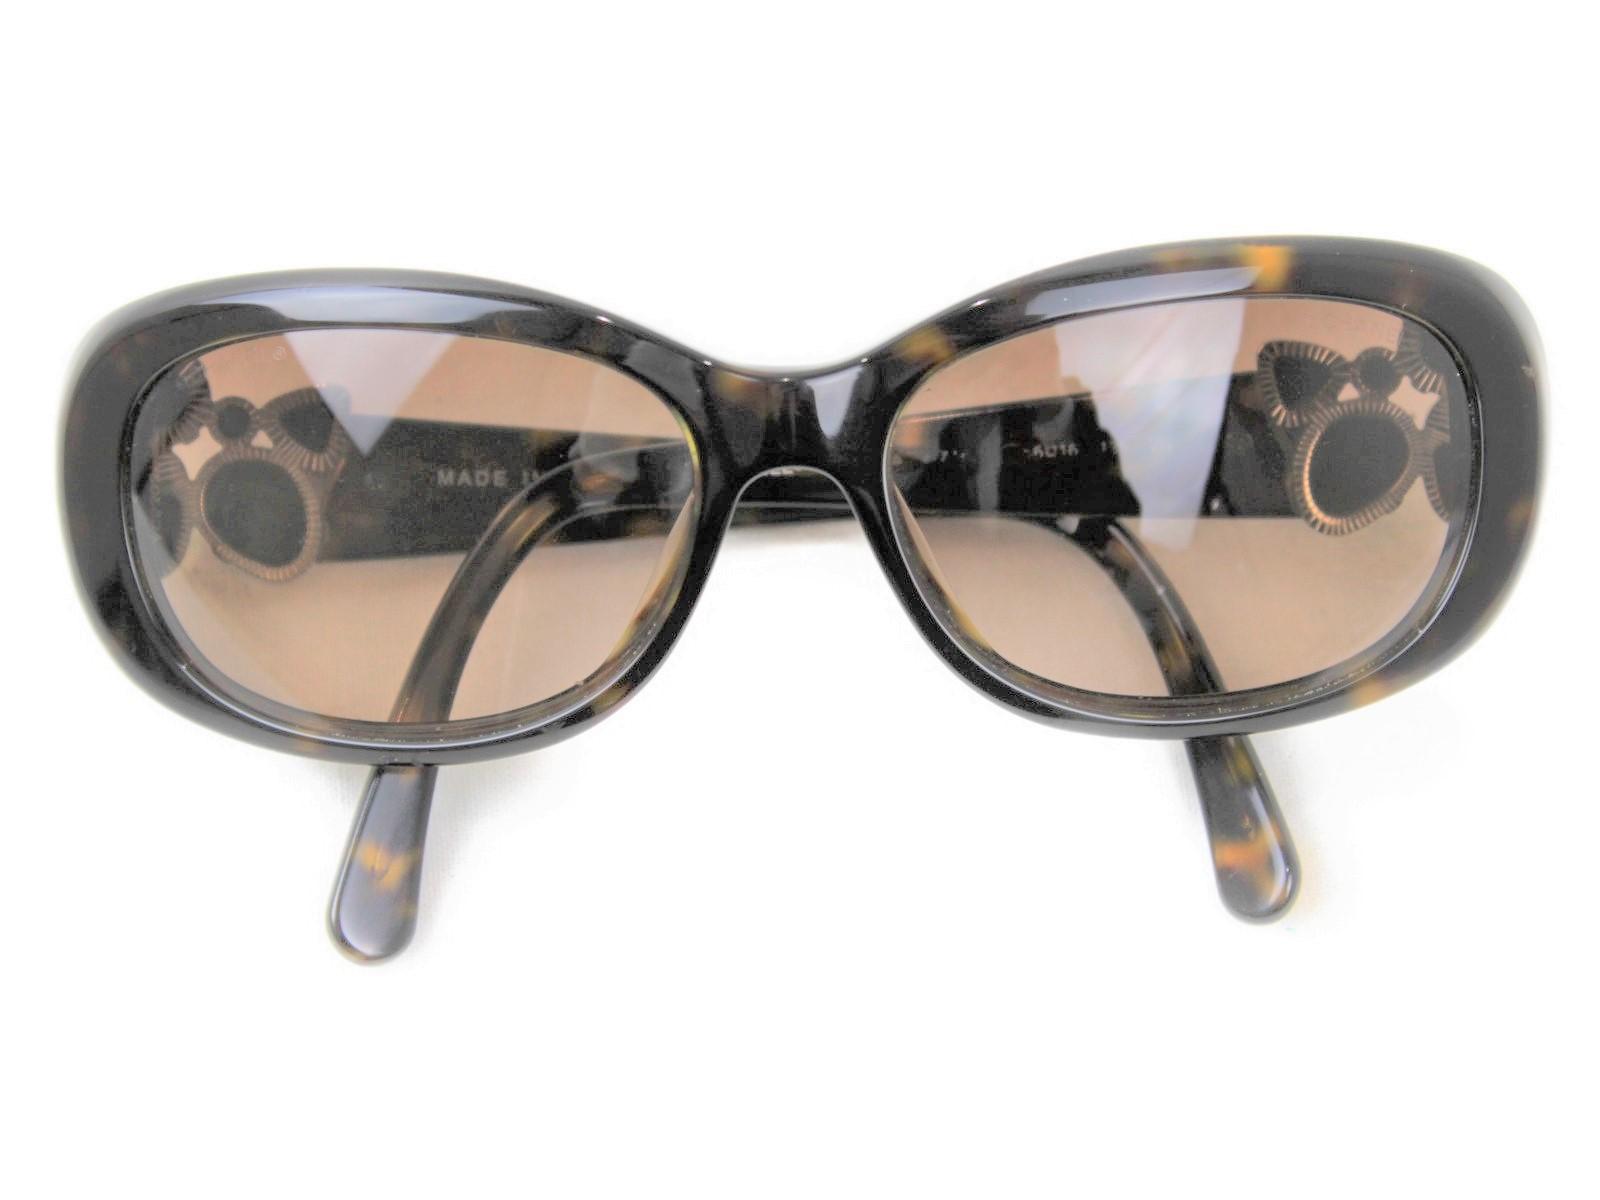 CHANEL シャネル サングラス5181-B ブラウン系 プラスチック レディース ウィメンズ ユニセックス ブランド 大人 眼鏡 ココマーク かわいい おしゃれ 【中古】